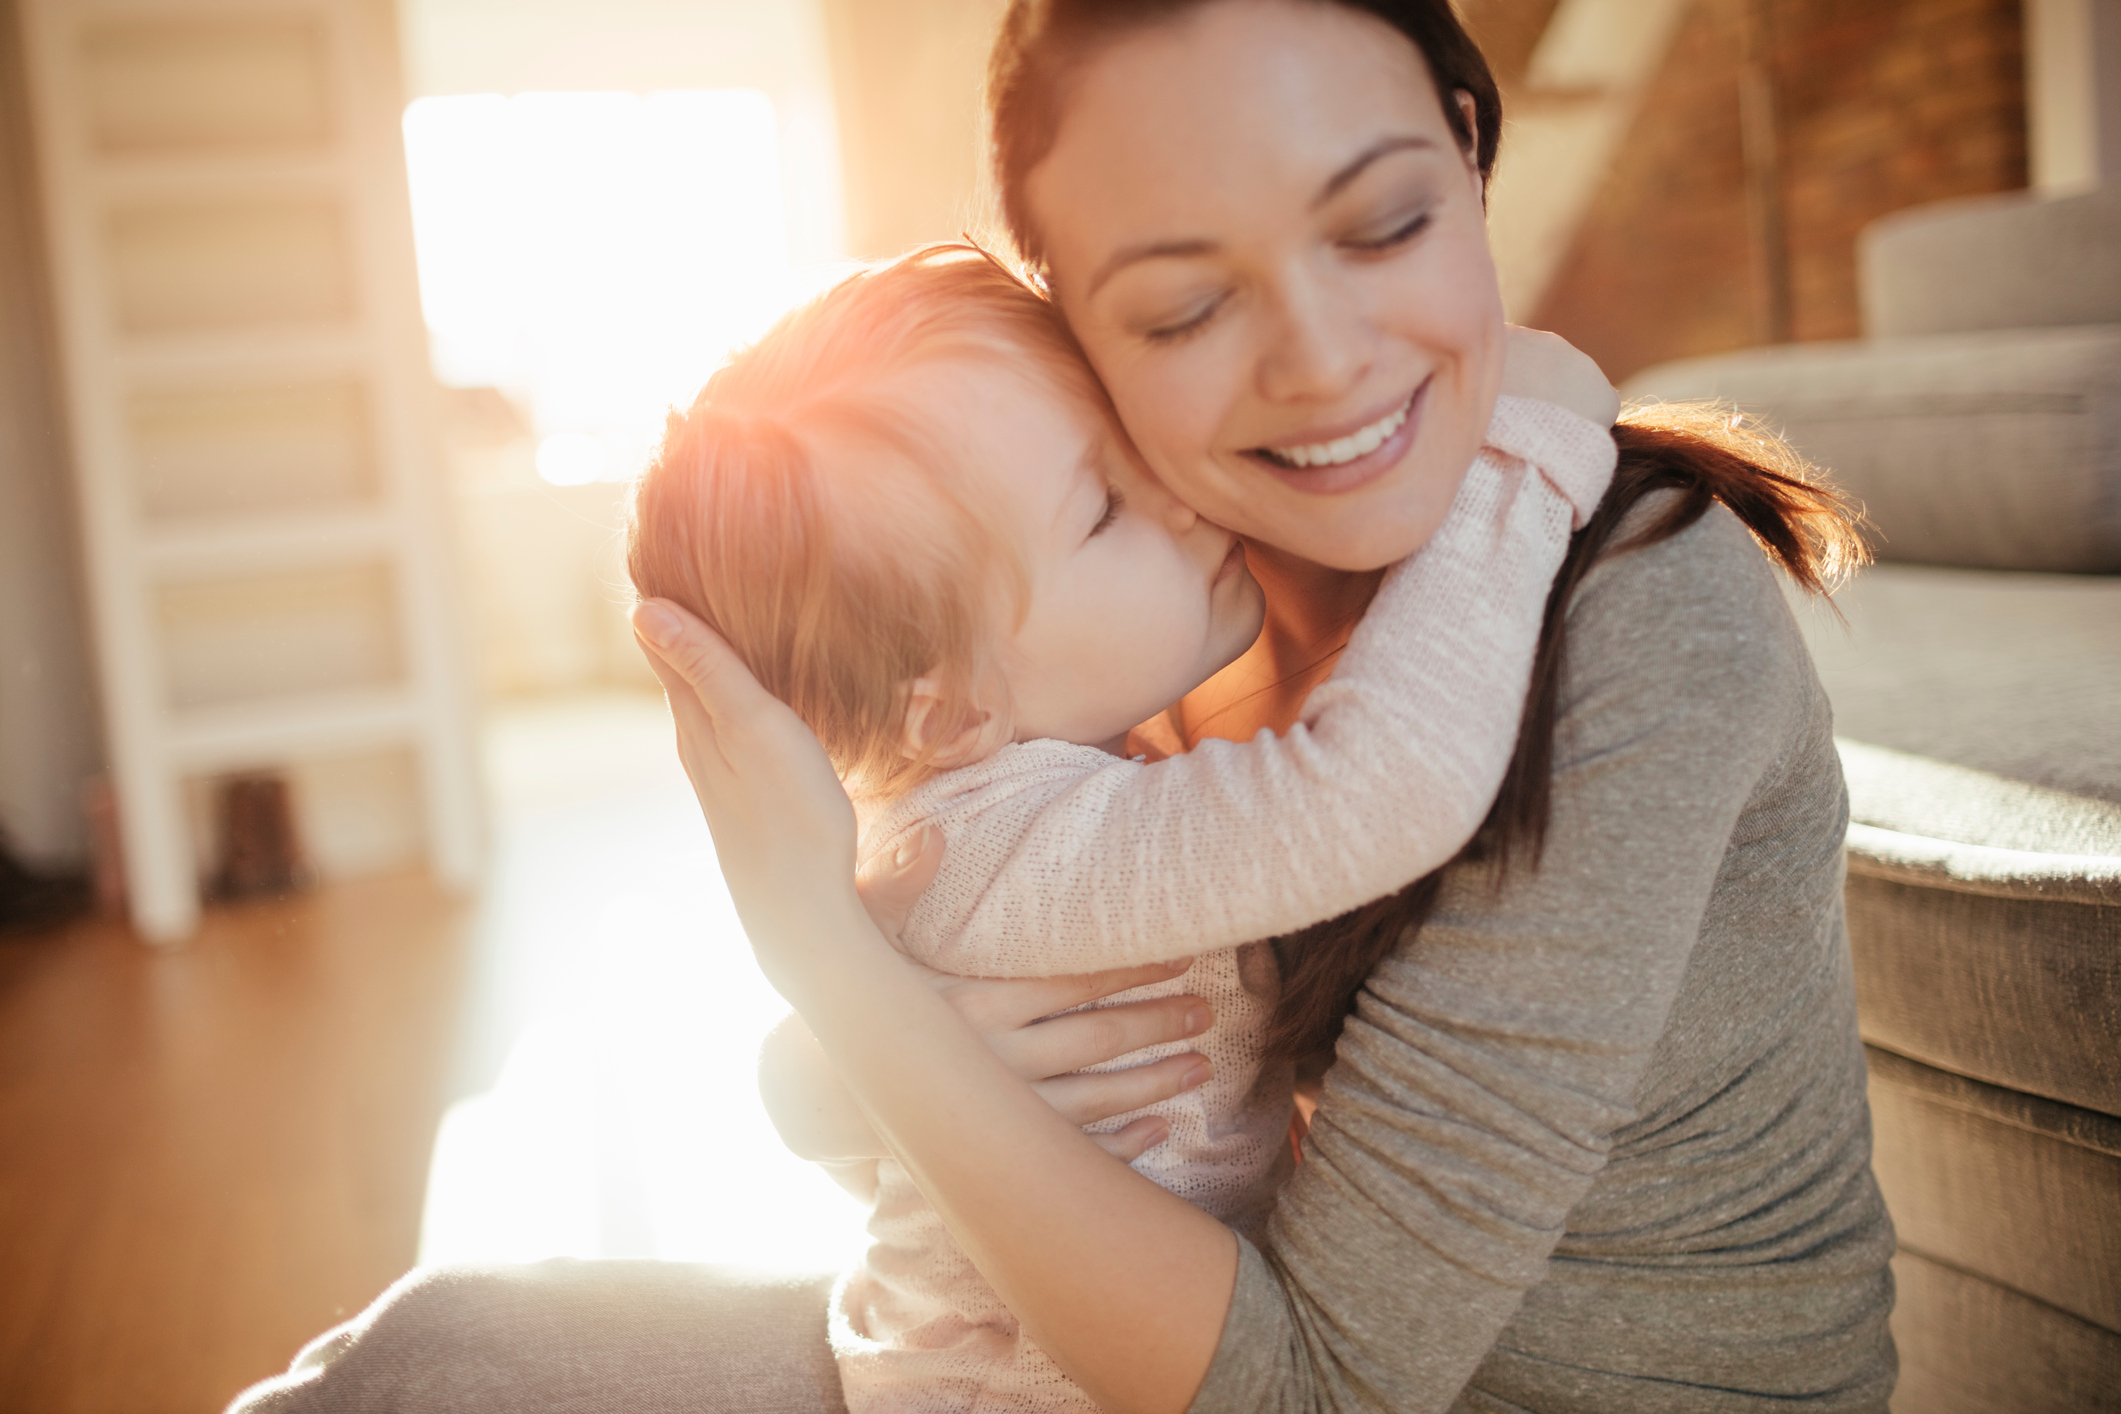 babysitter-nanny-childcare.jpg